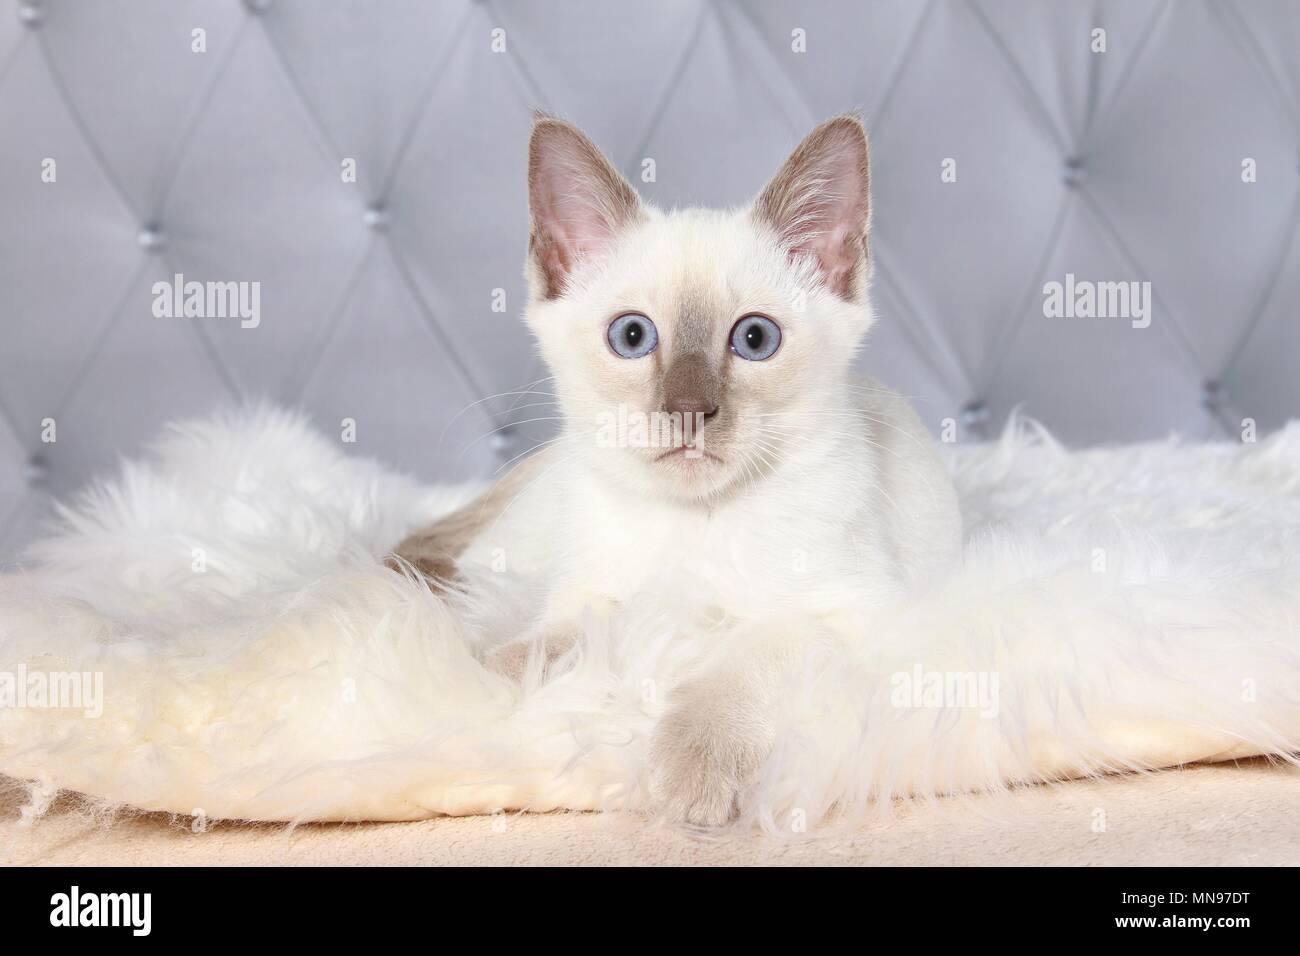 Purebred Cute Siamese Cat Studio Stock Photos & Purebred